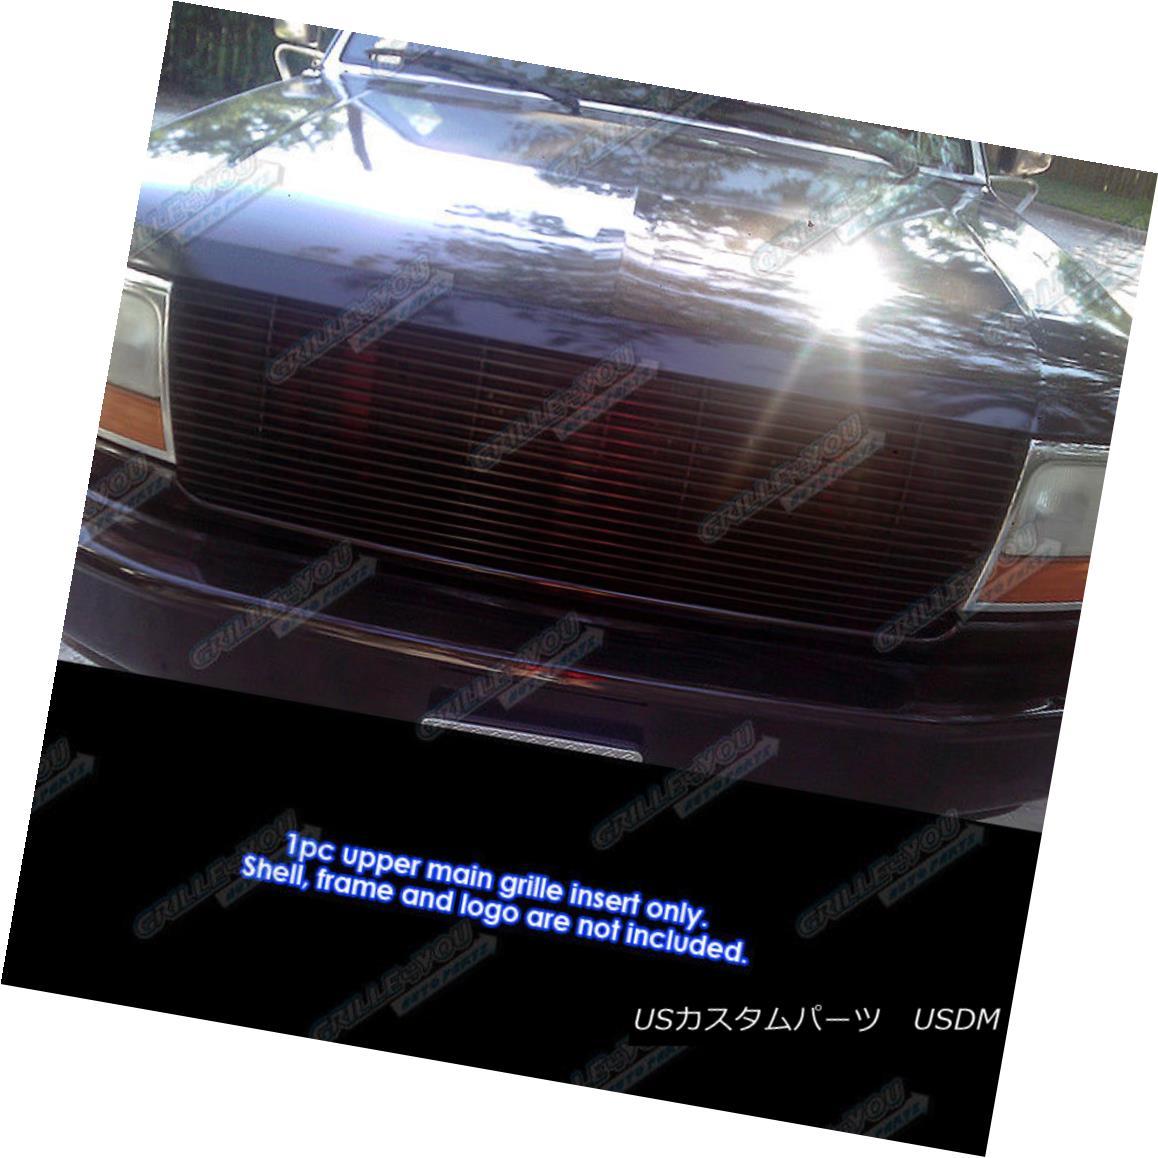 グリル For 92-96 Ford Bronco/F-Series Pickup Black Billet Grille Grill Insert 92-96 Ford Bronco / F-Serie 用ピックアップブラックビレットグリルグリルインサート